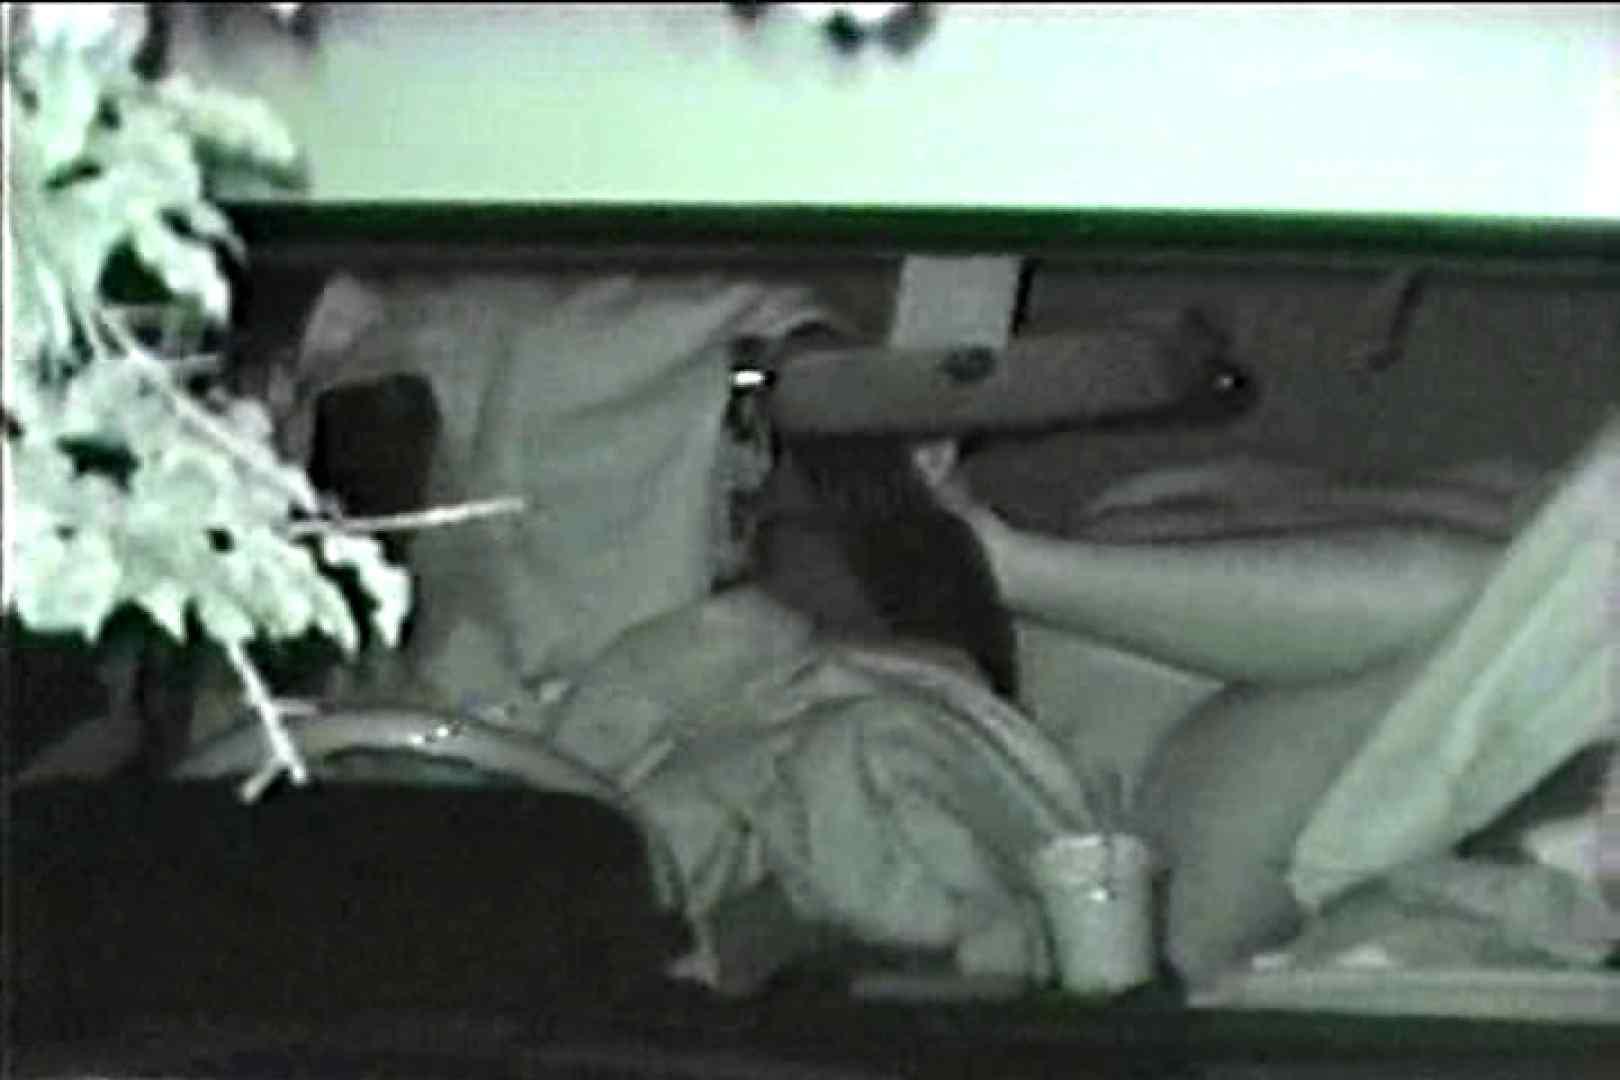 車の中はラブホテル 無修正版  Vol.7 OLの実態 隠し撮りオマンコ動画紹介 41pic 10